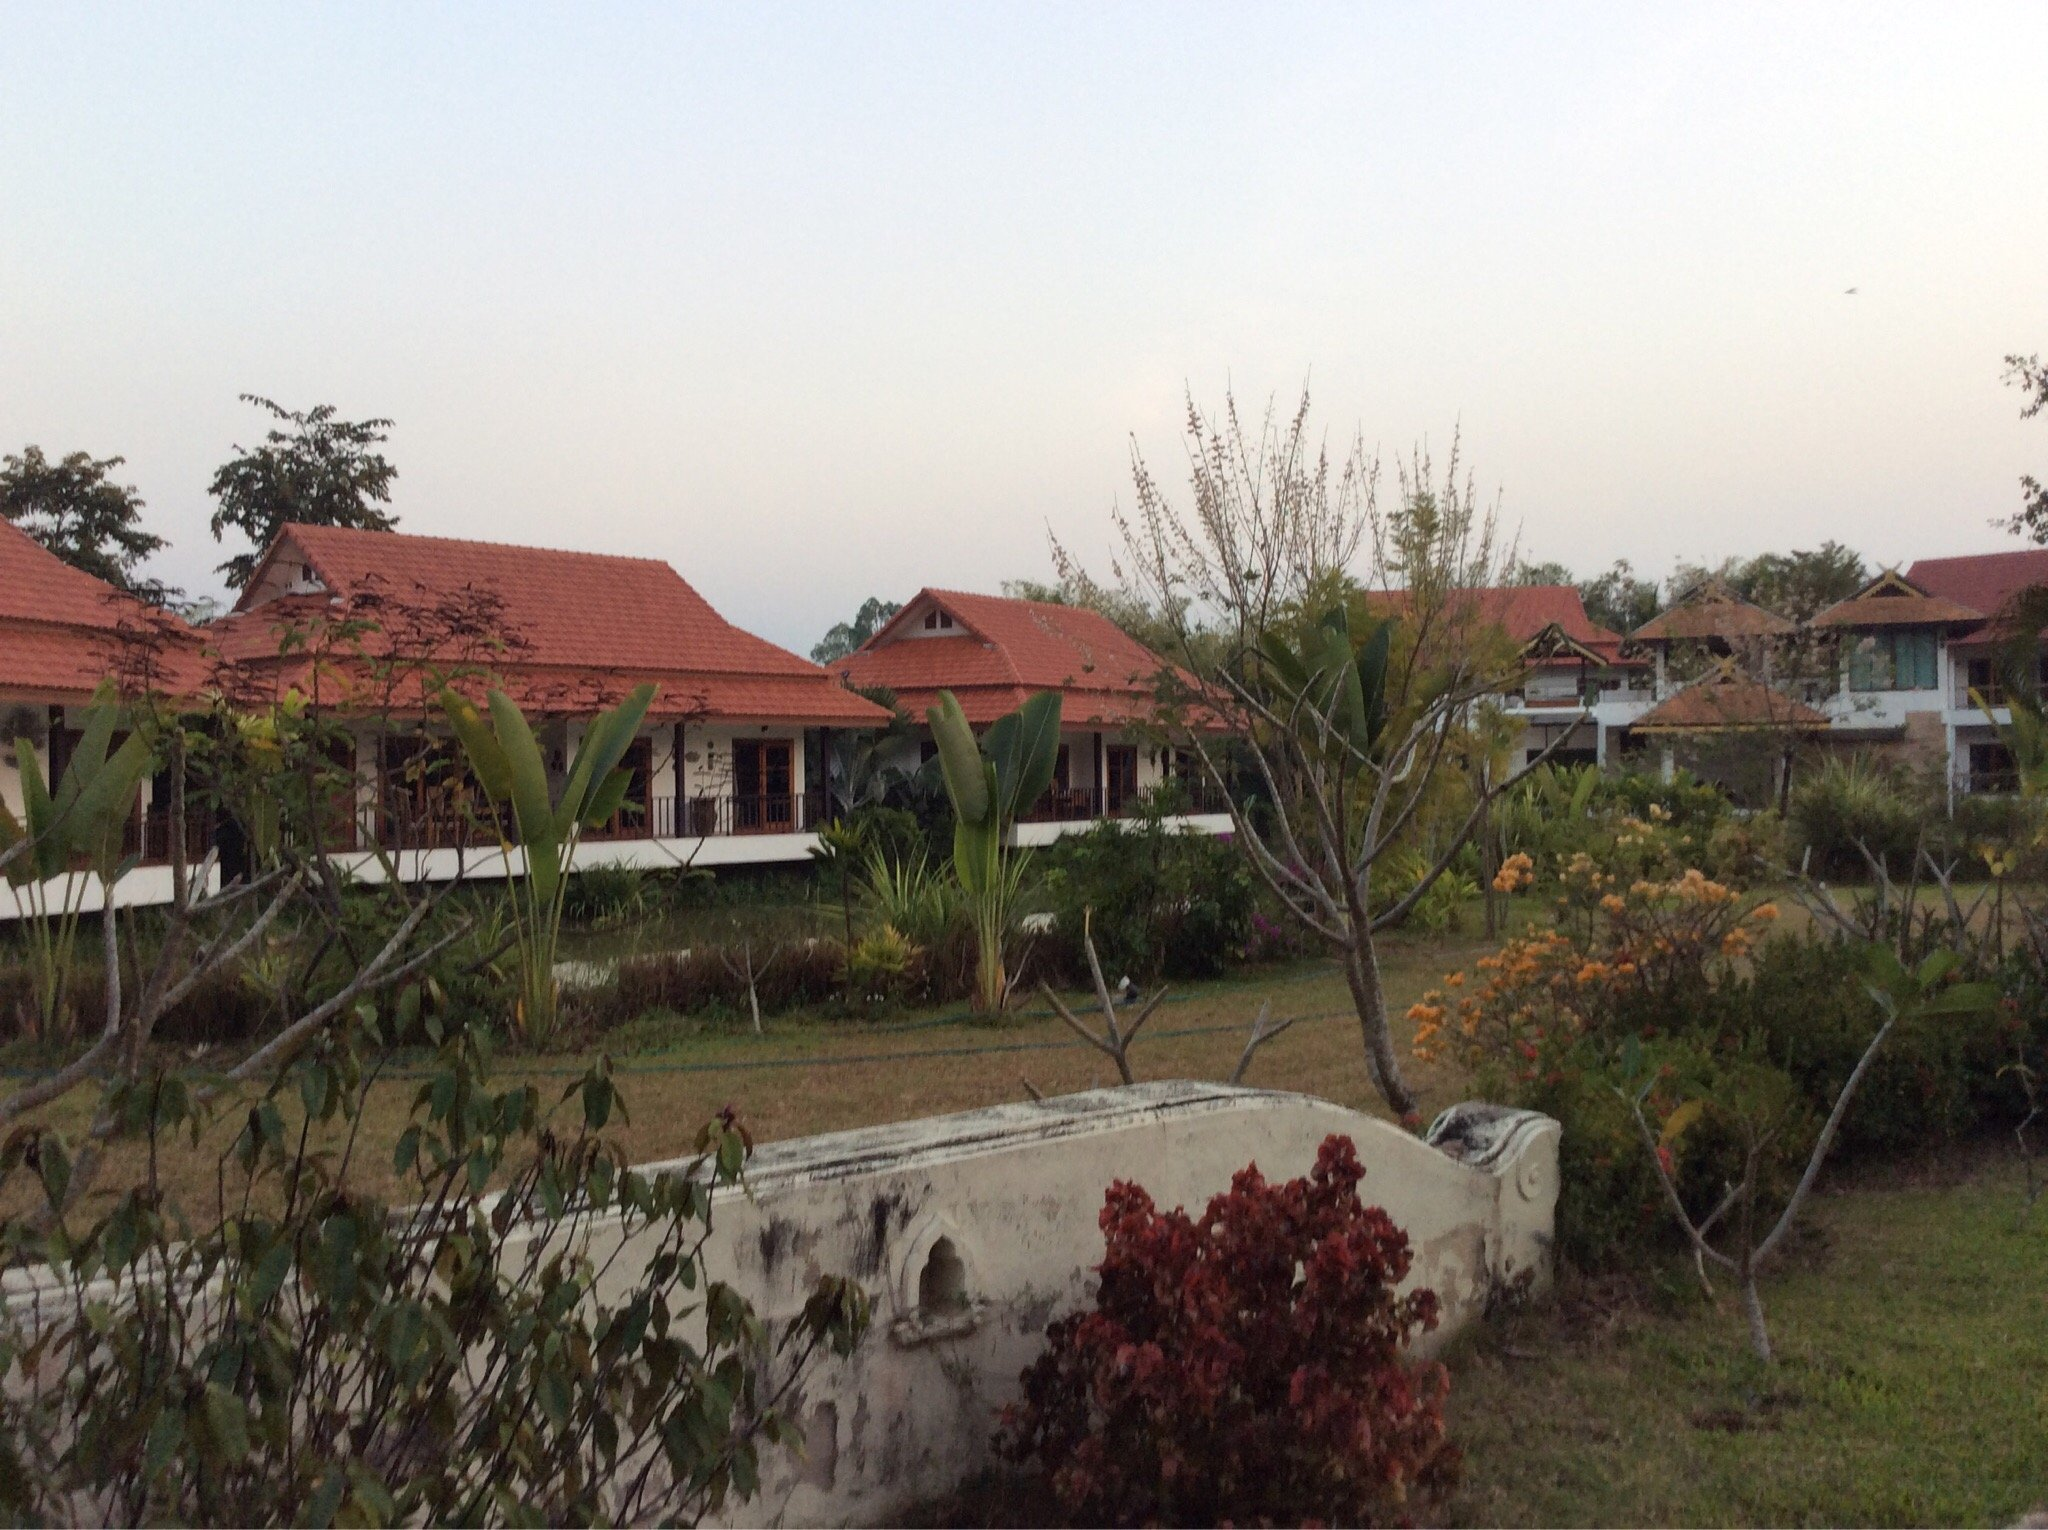 Jasmine Rice Village Boutique Resort & Spa